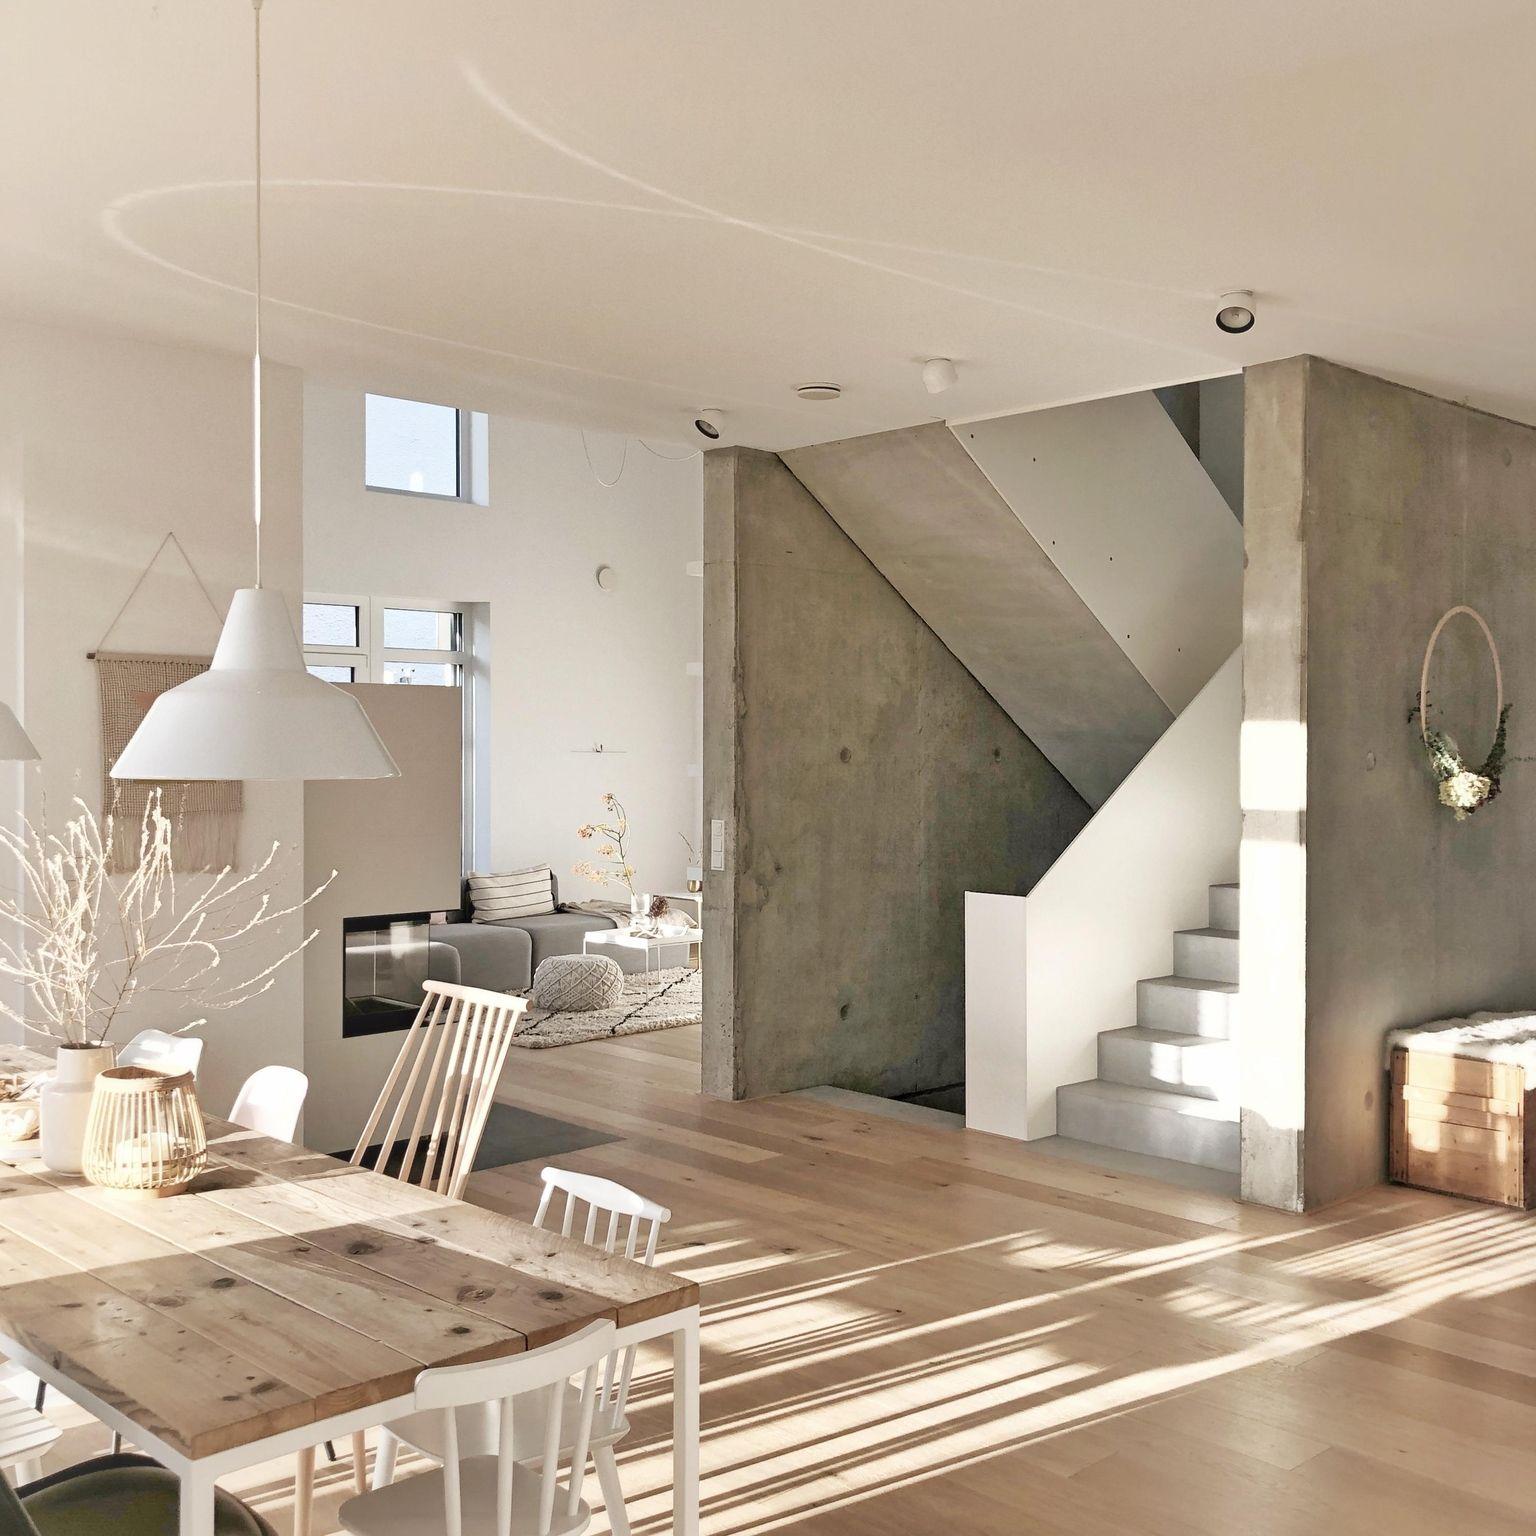 Sichtbeton! #sichtbeton#beton#betonwände#esstisch#herbst